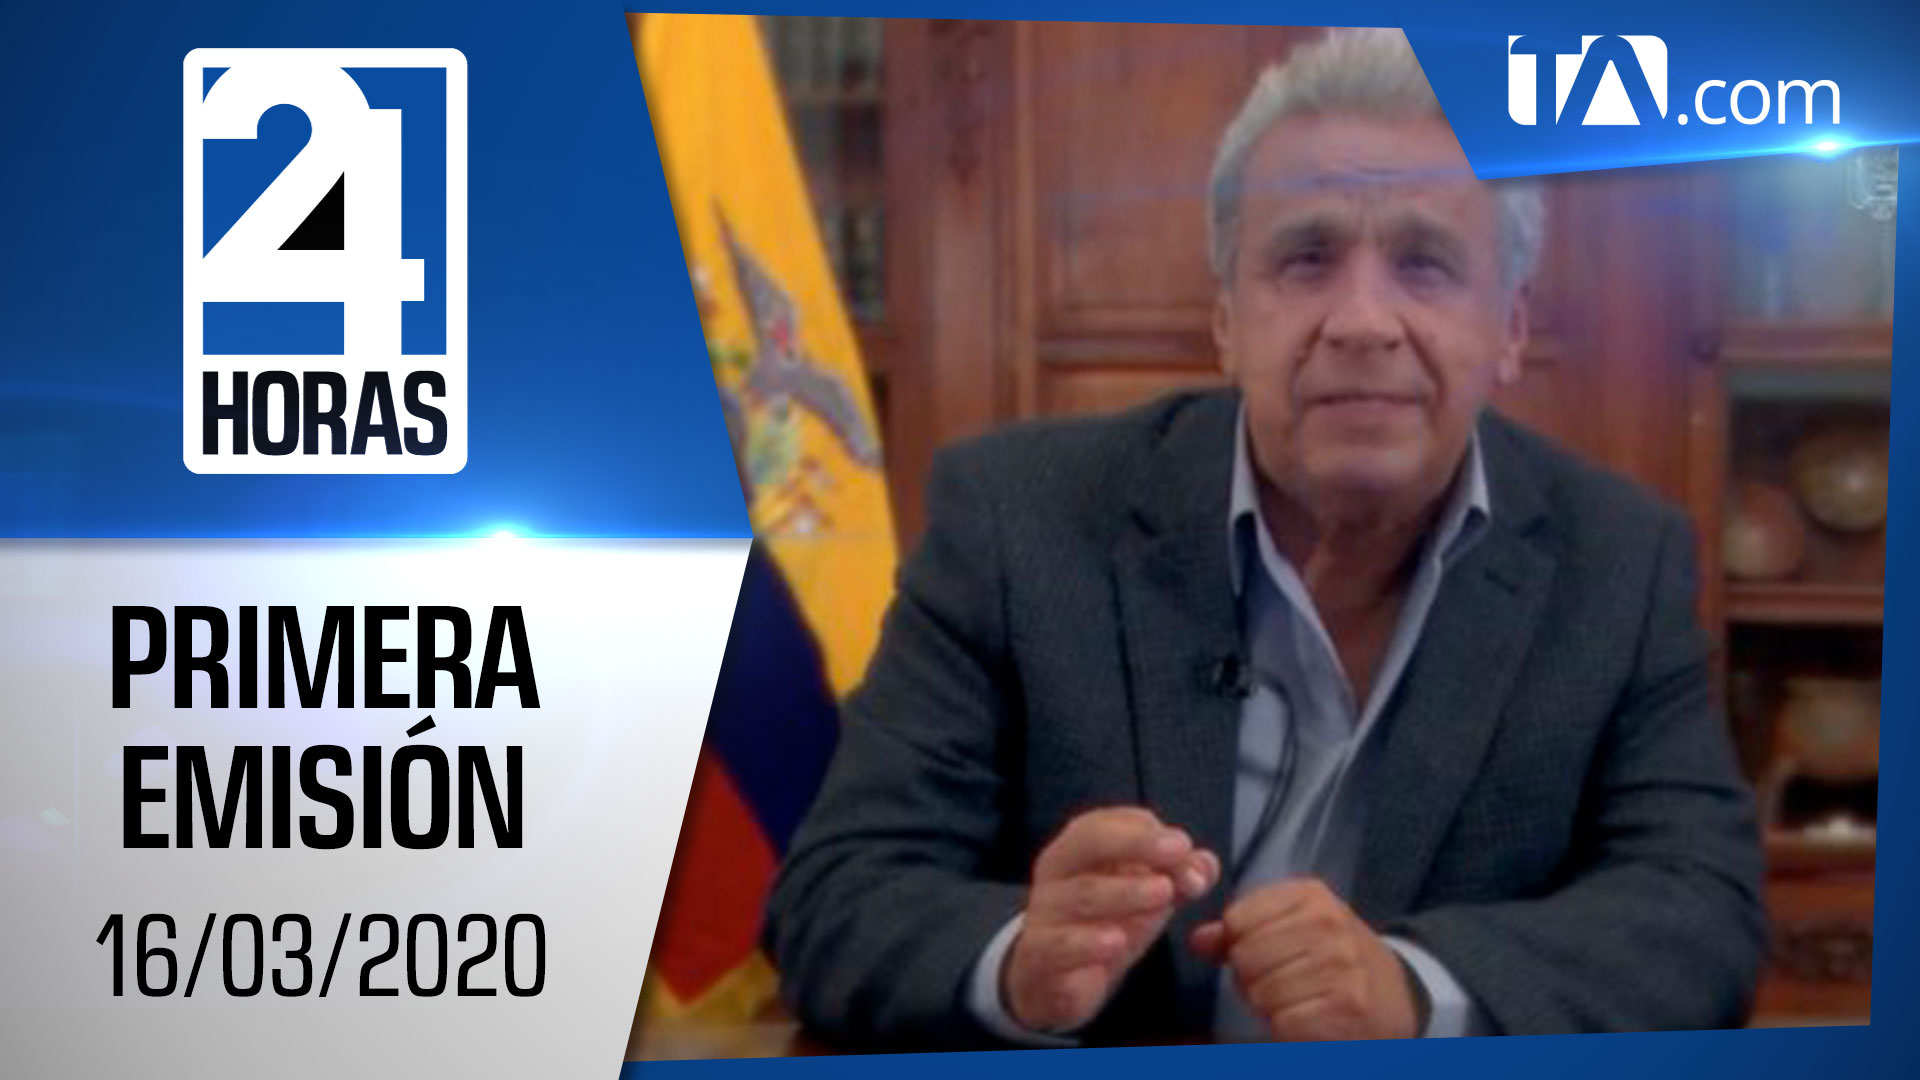 Noticias Ecuador: Noticiero 24 Horas 16/03/2020 (Primera Emisión)